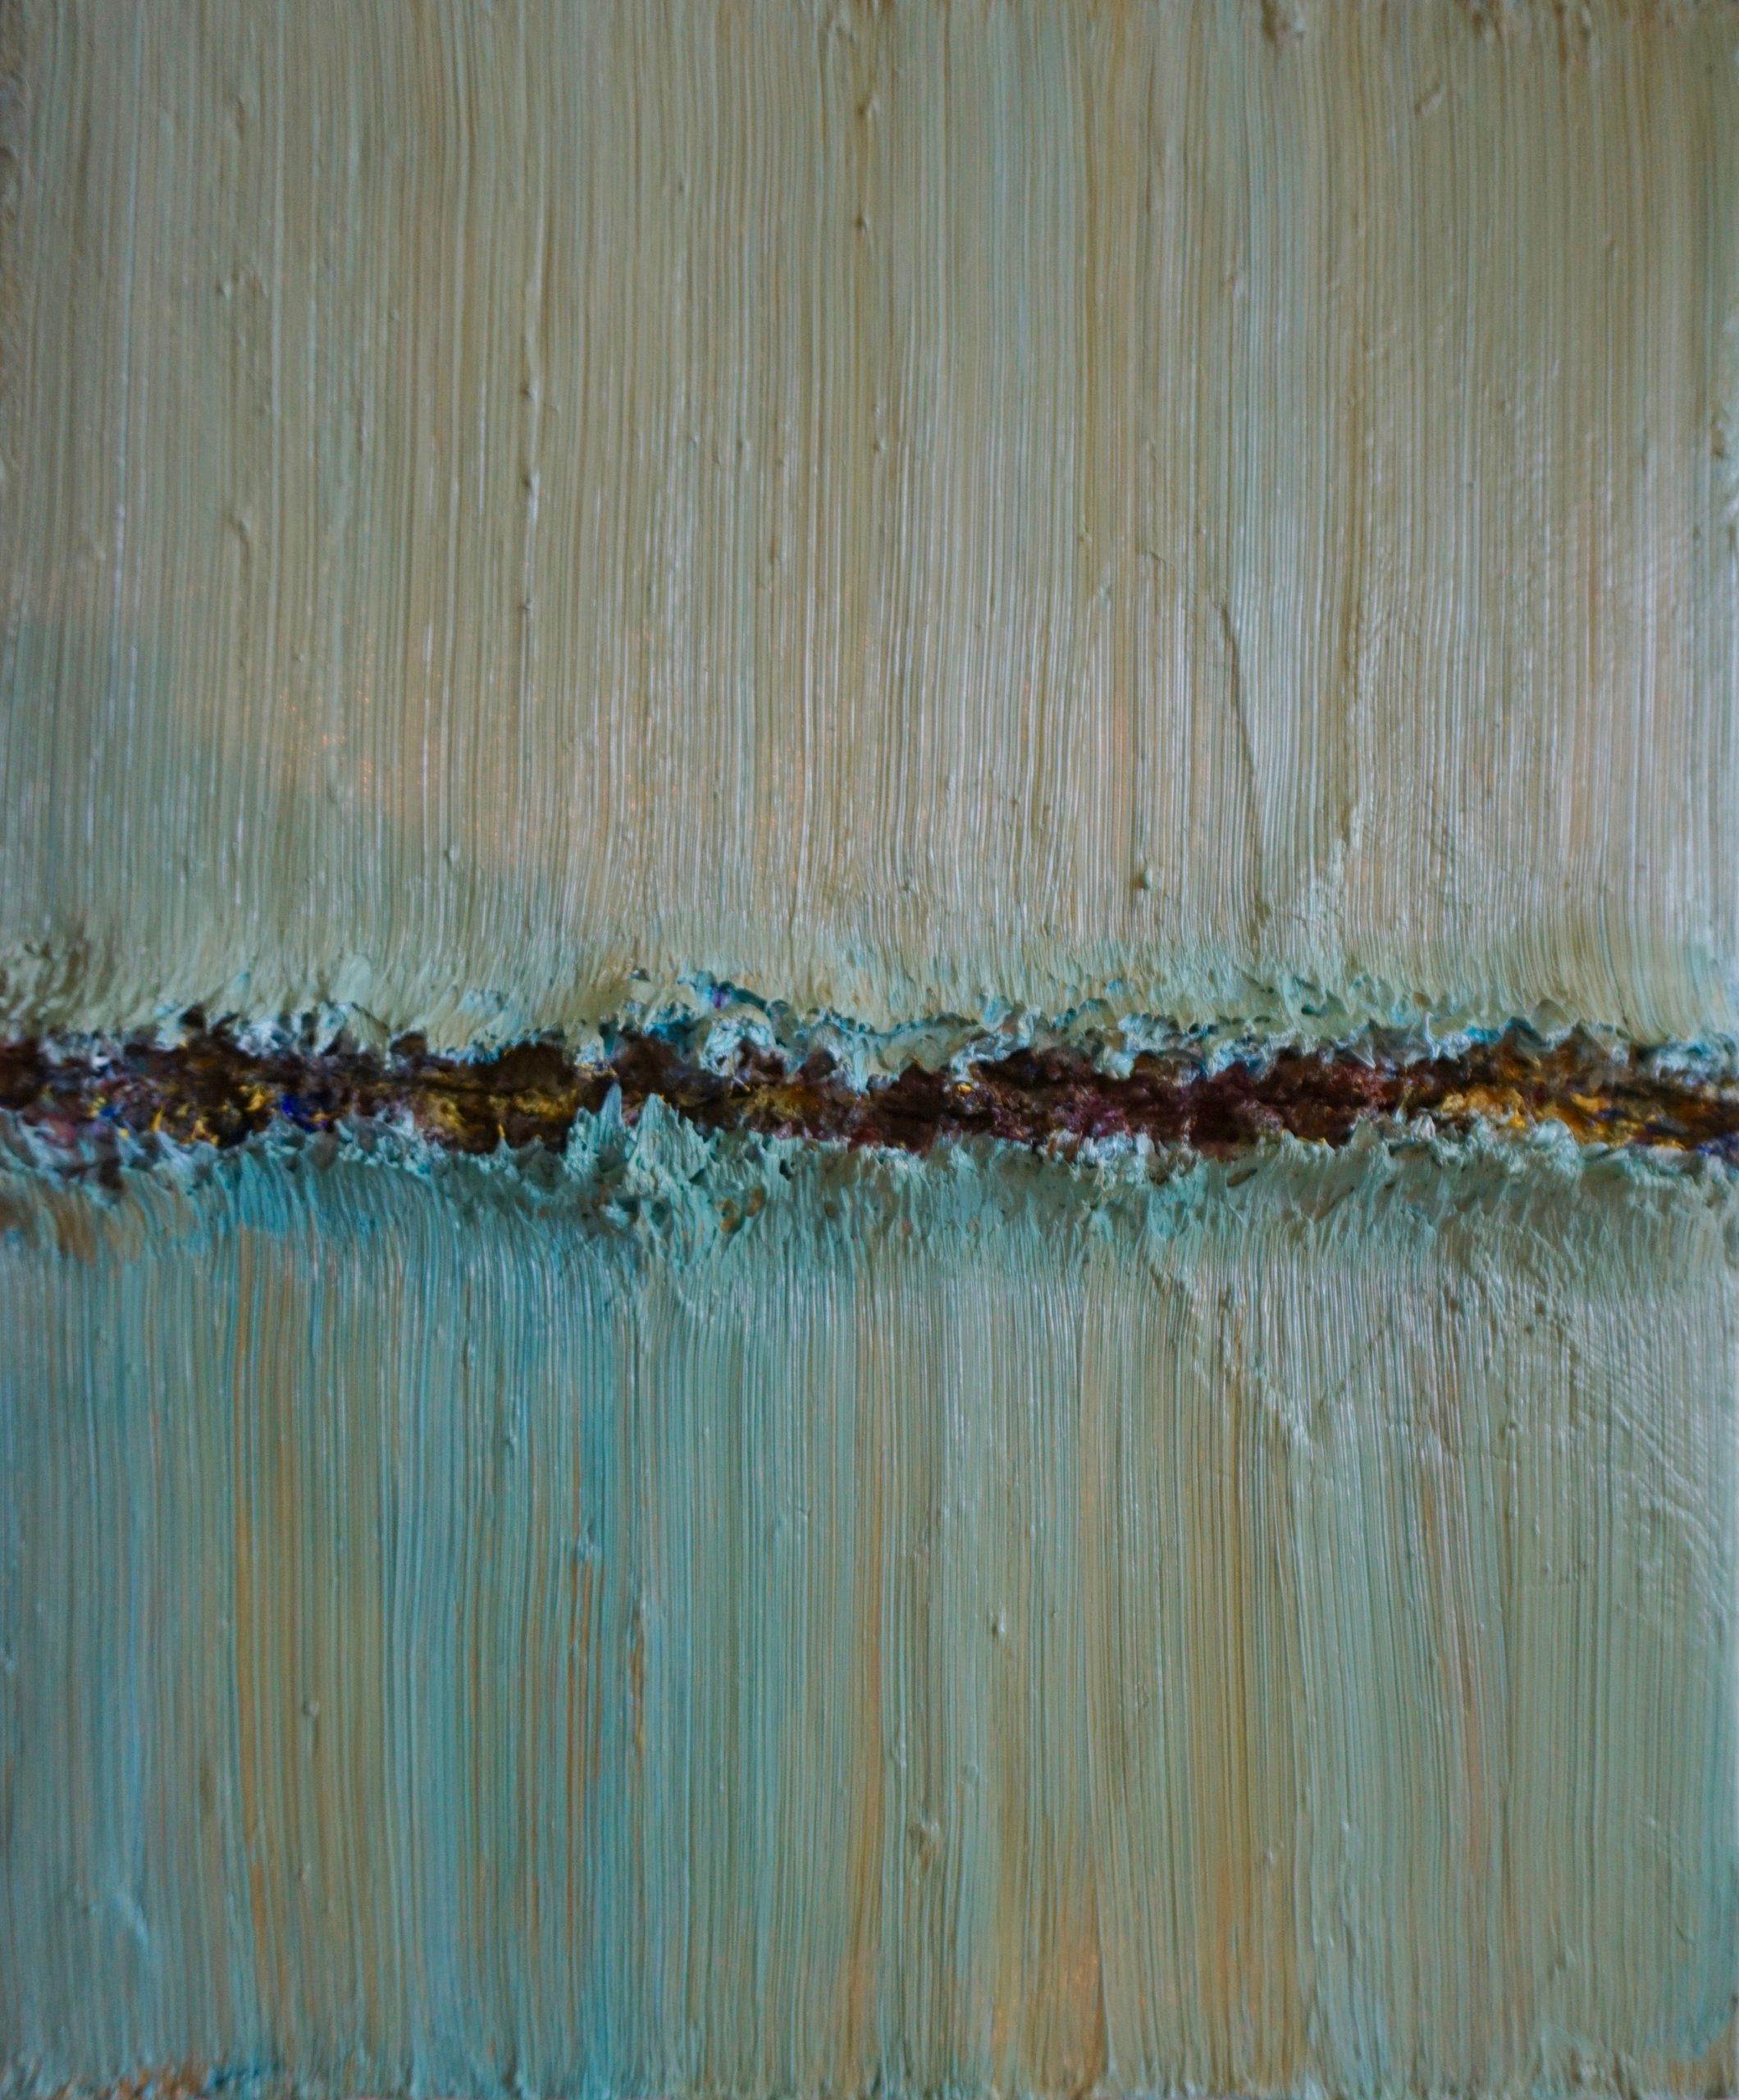 Color Derivatives #7 by Natasha Zupan